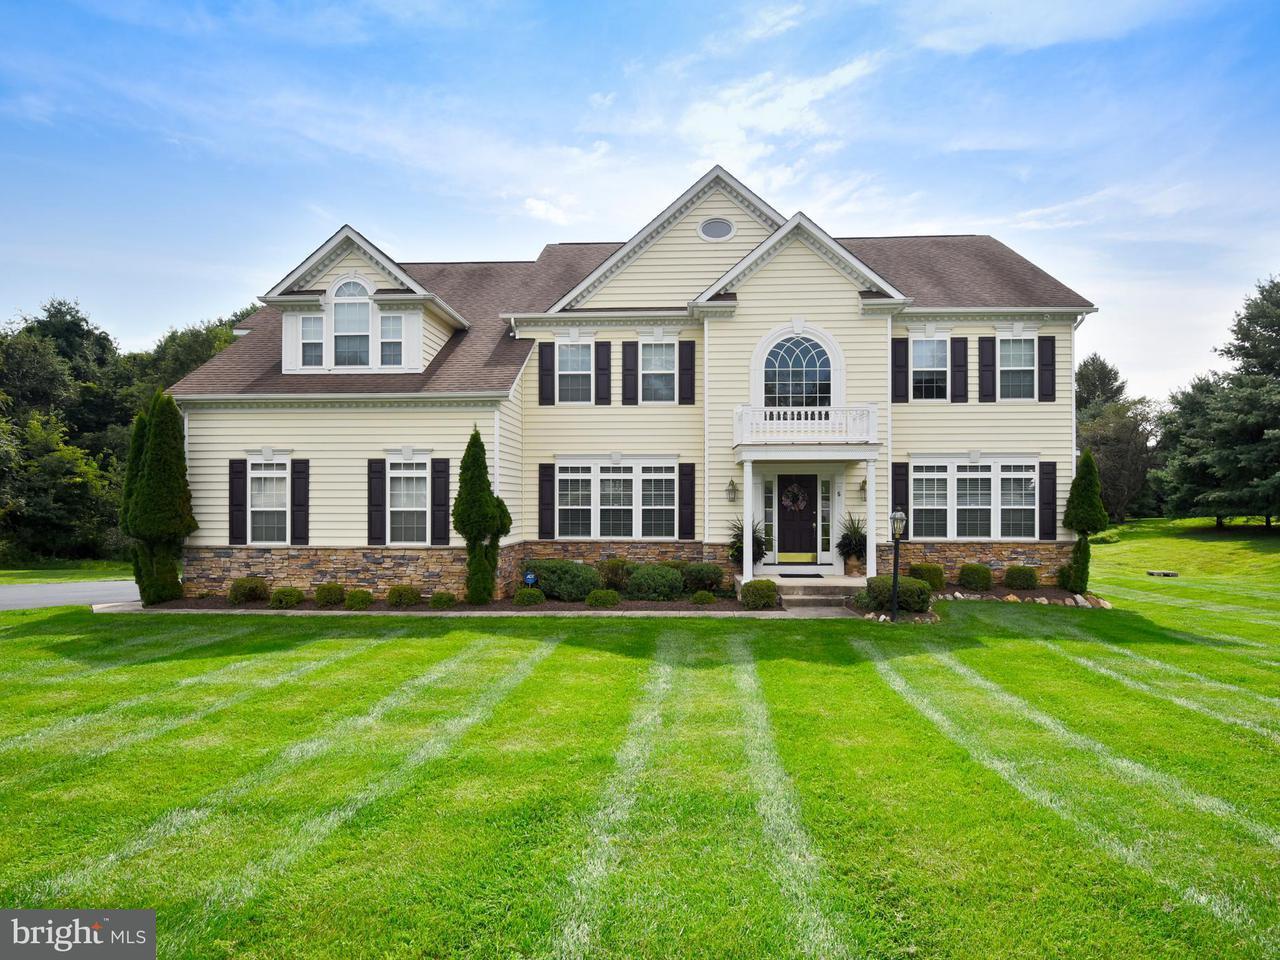 Частный односемейный дом для того Продажа на 5 LOCKSLEY Court 5 LOCKSLEY Court Phoenix, Мэриленд 21131 Соединенные Штаты